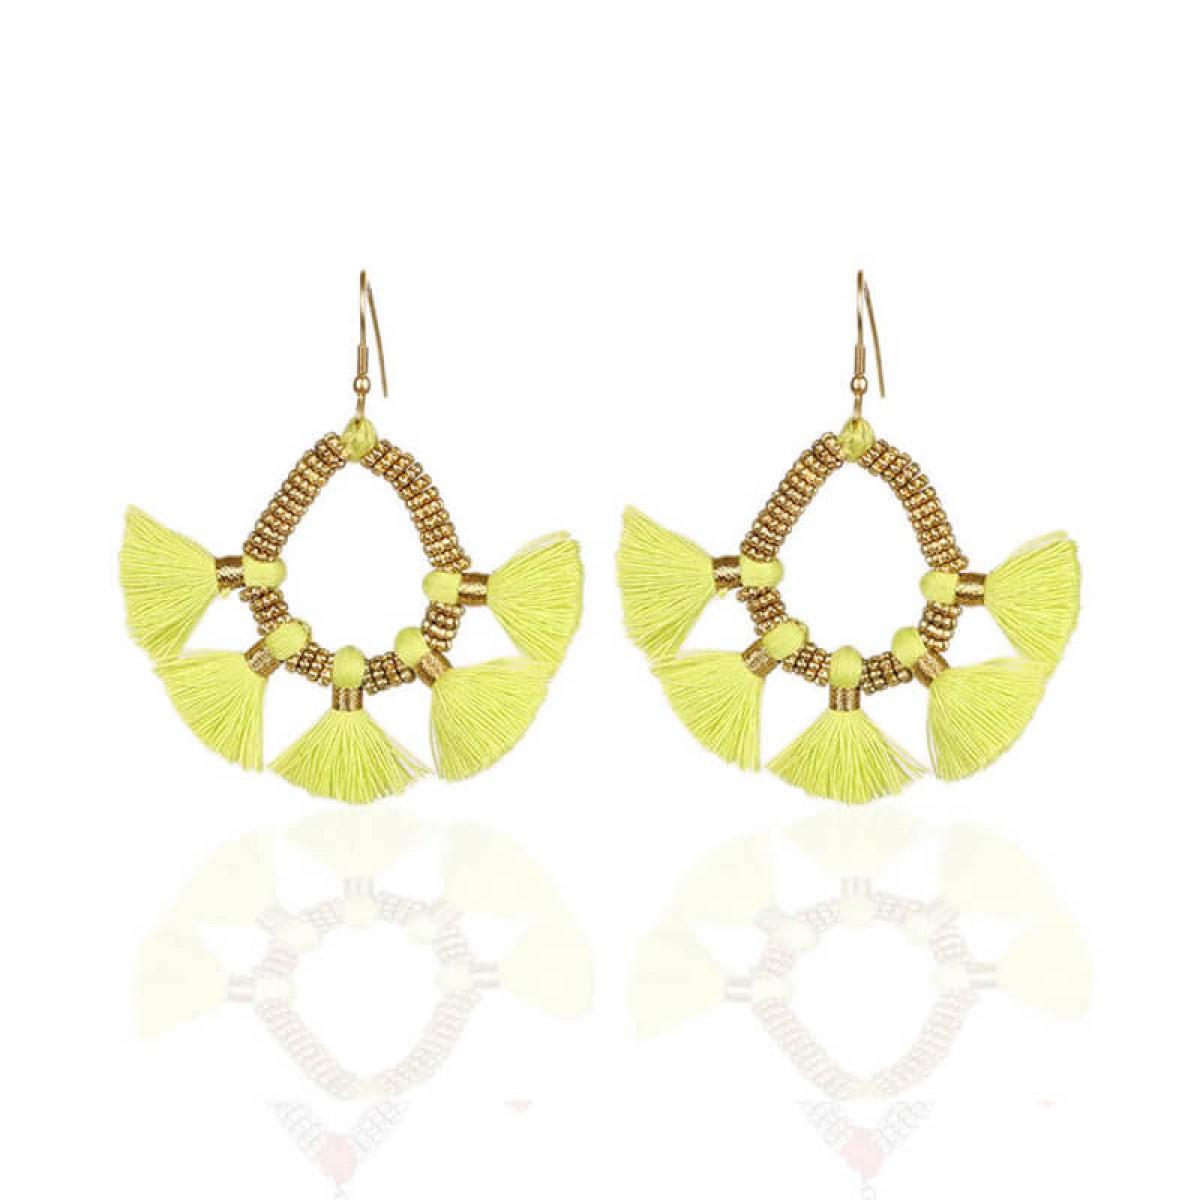 Bohemian Fashion Tassel Earrings - Neon green